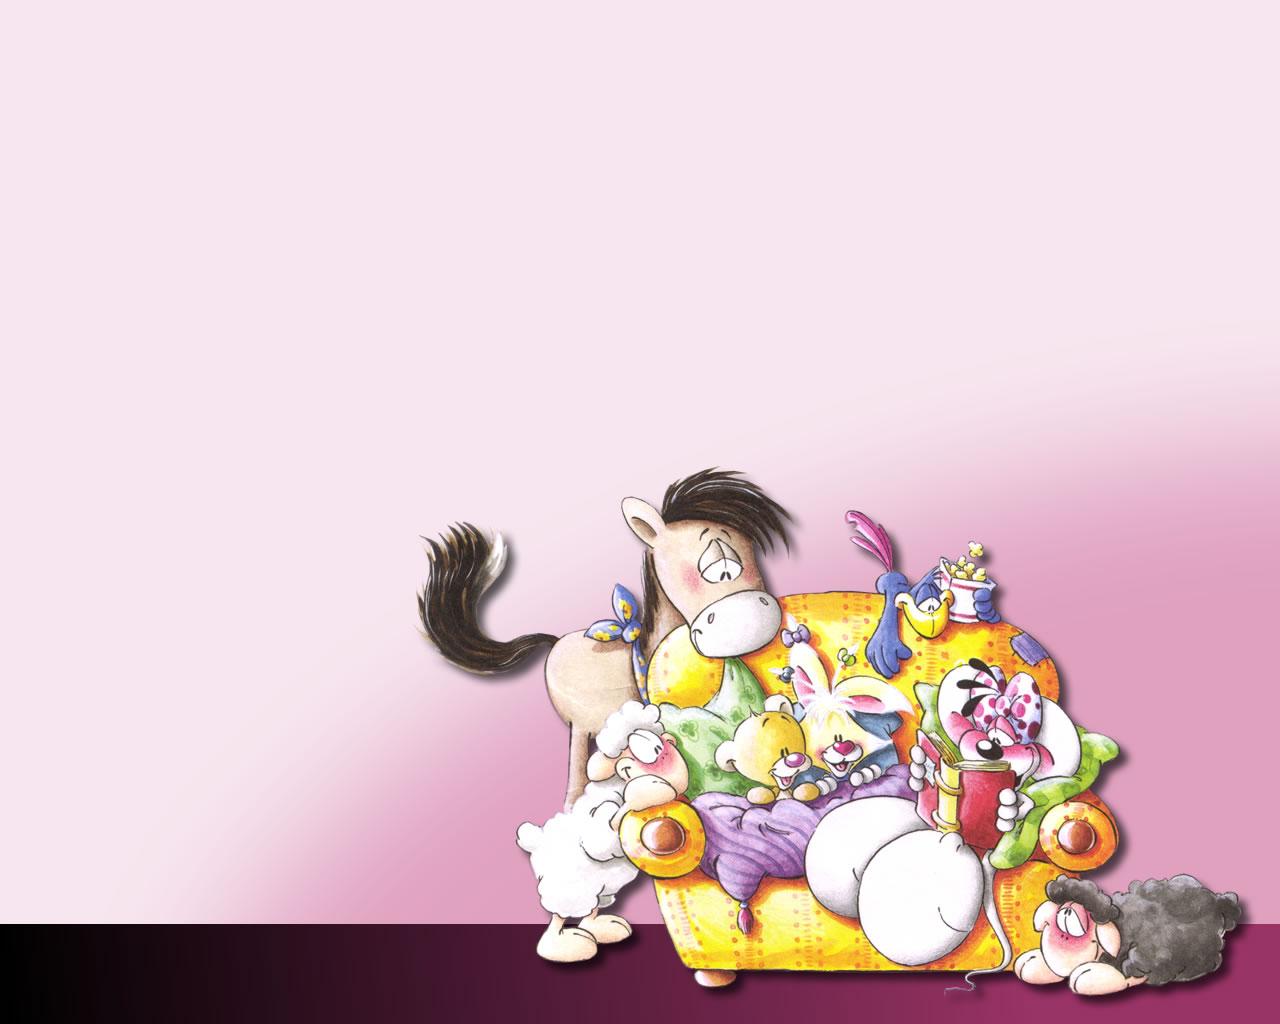 download wallpaper: Diddl en zijn vriendjes op de sofa wallpaper